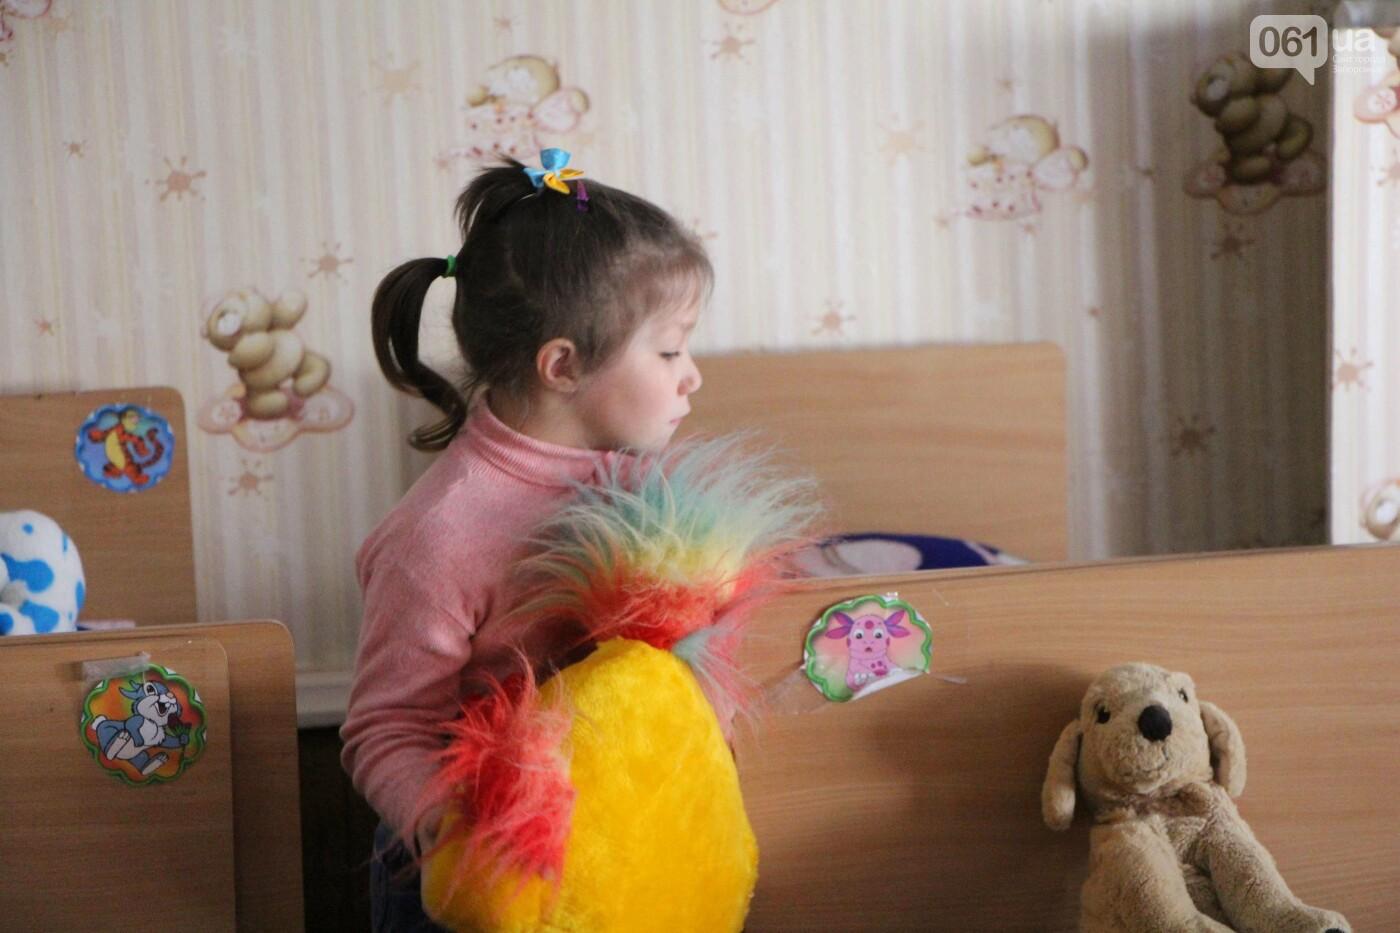 Познакомиться с будущим ребенком: как и почему волонтеры создают анкеты для запорожских сирот, фото-22